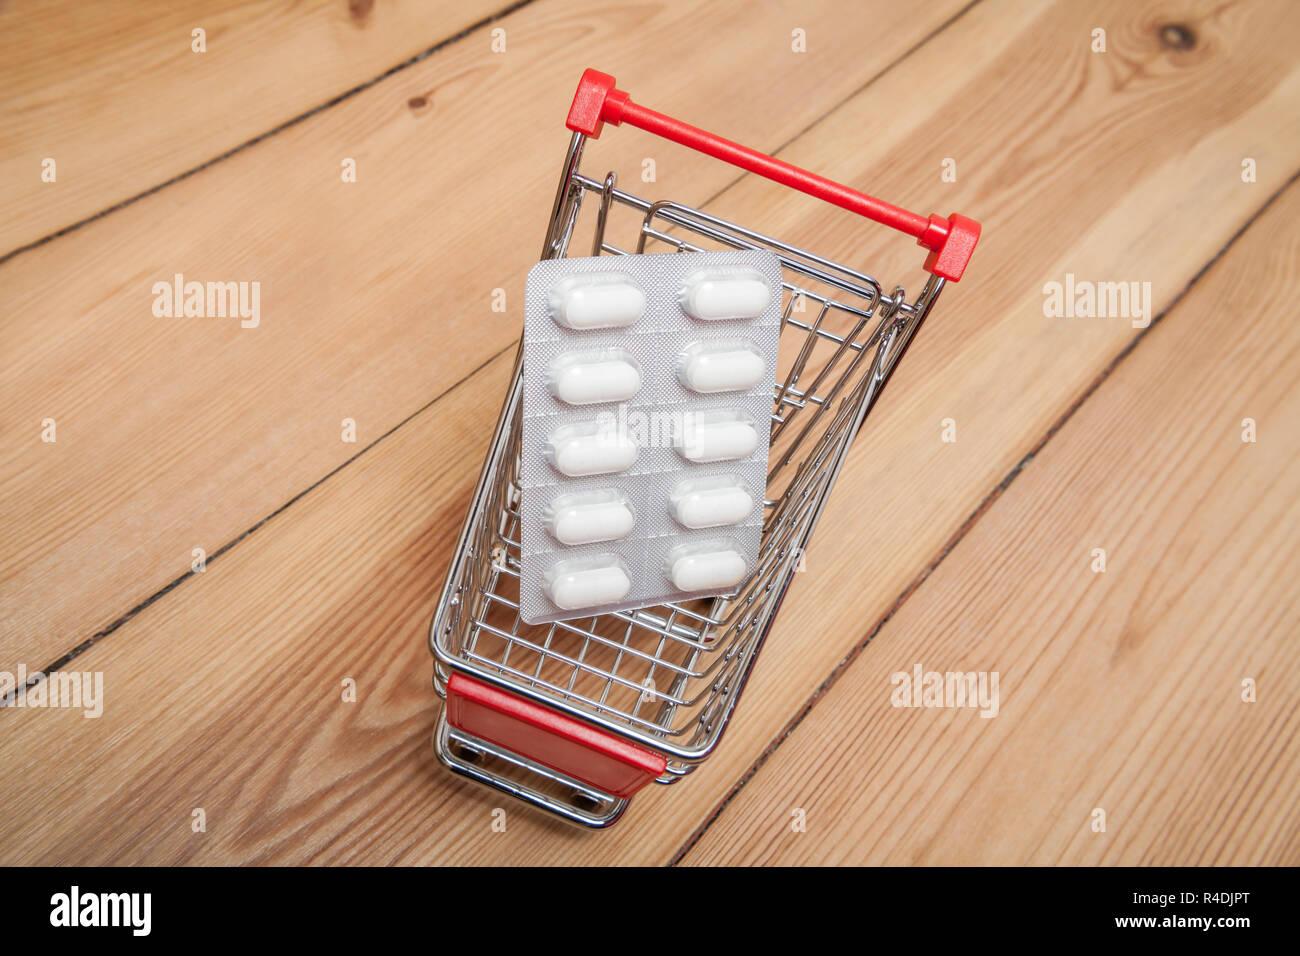 Los medicamentos en compras Foto de stock